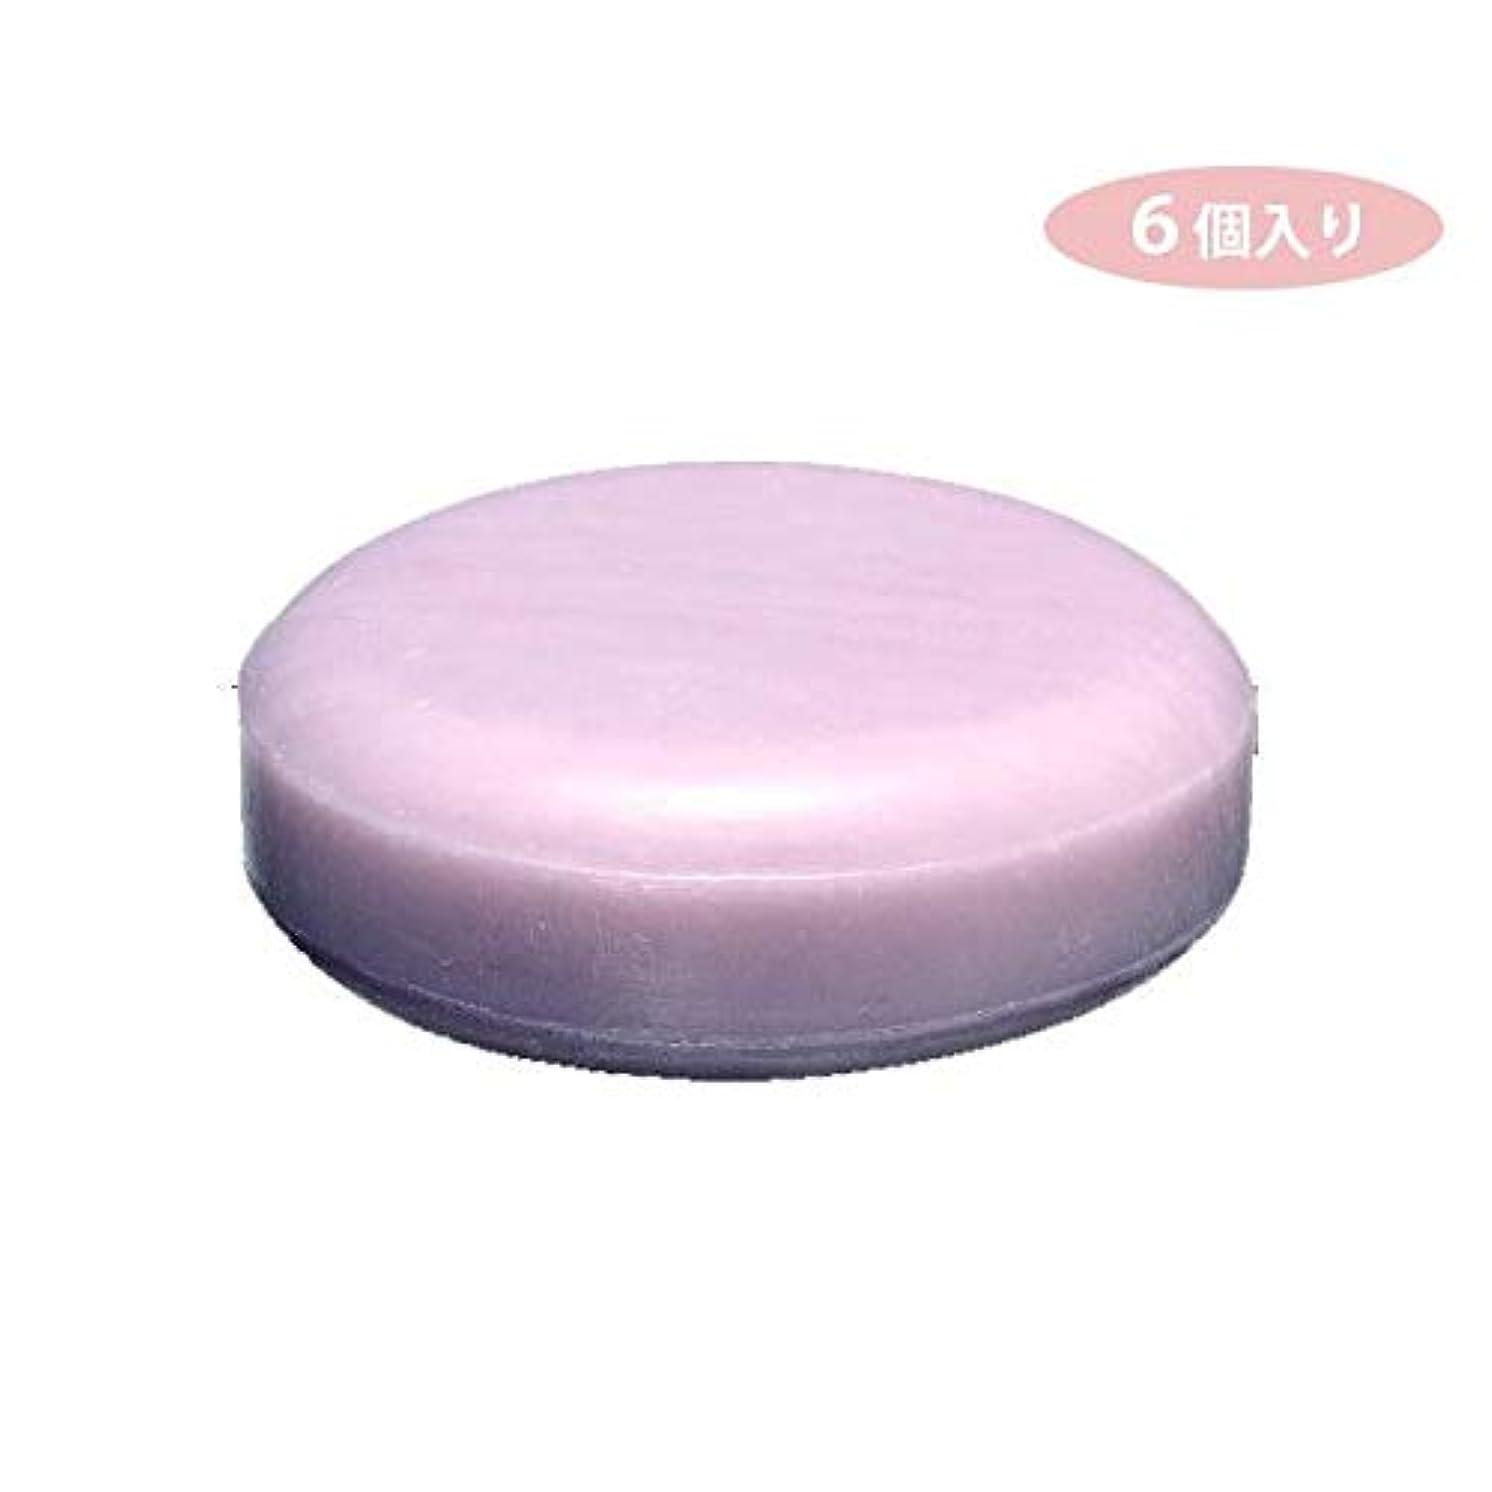 パールガラガラ精緻化CSK 6個入り スキンケアシリーズ 紫根エキス配合石けん